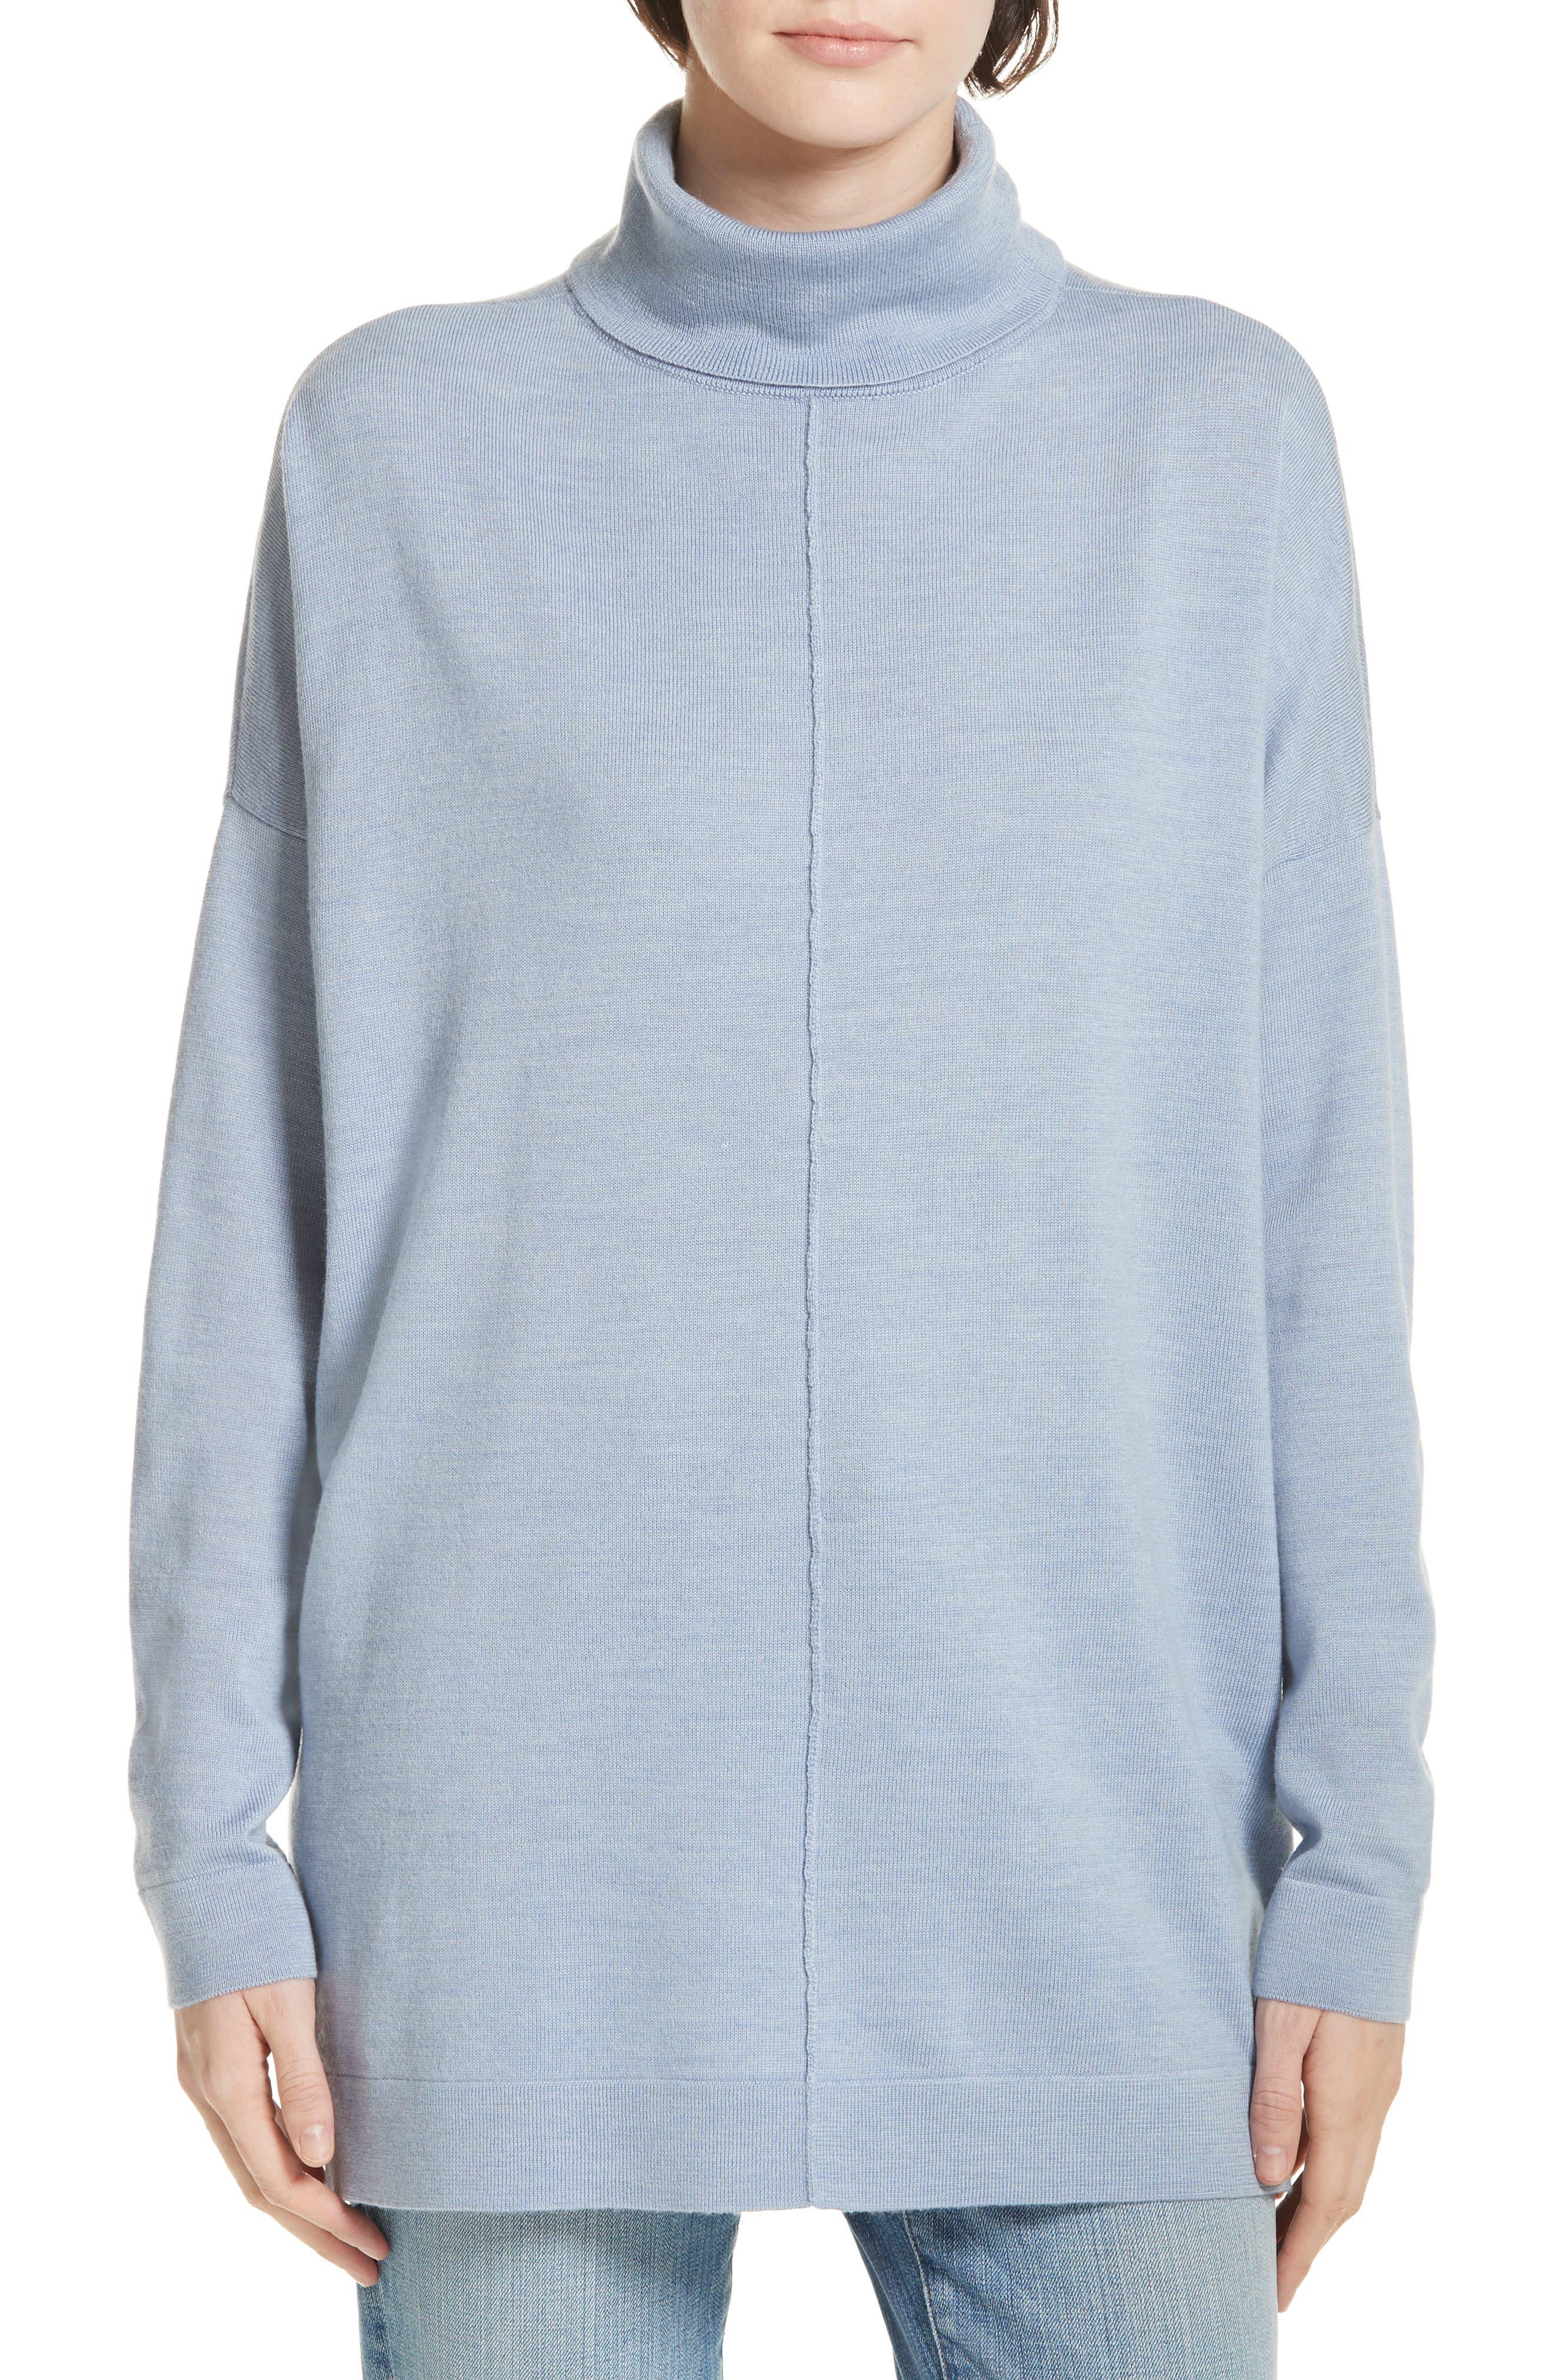 Eileen Fisher Merino Wool Boxy Turtleneck Sweater, Blue